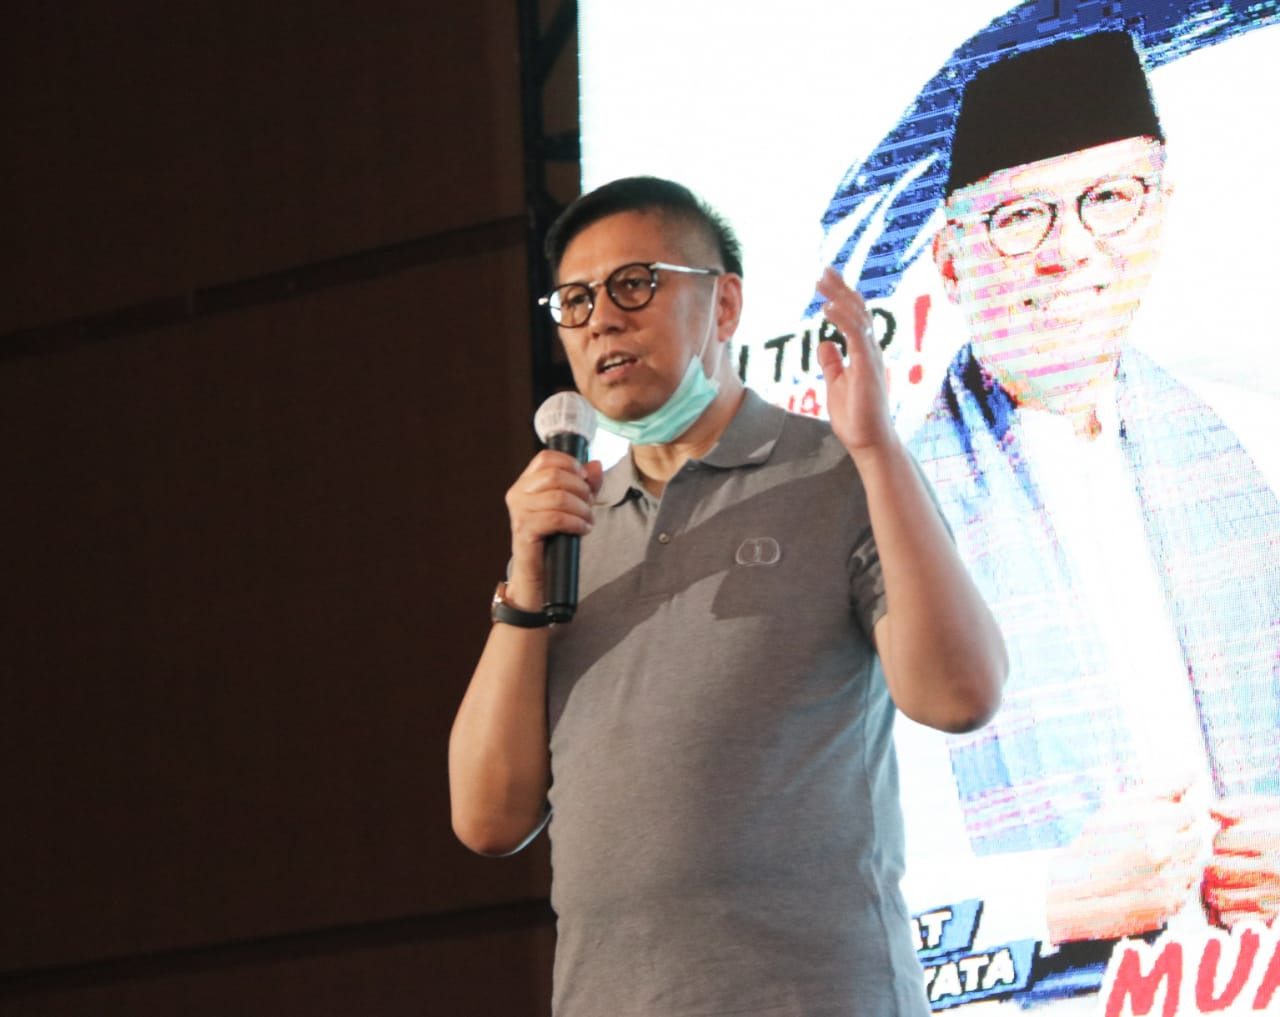 Ungkap Kezaliman di Pilkada Sumbar, Mulyadi: Hukum Dijadikan Alat Main-main - JPNN.com